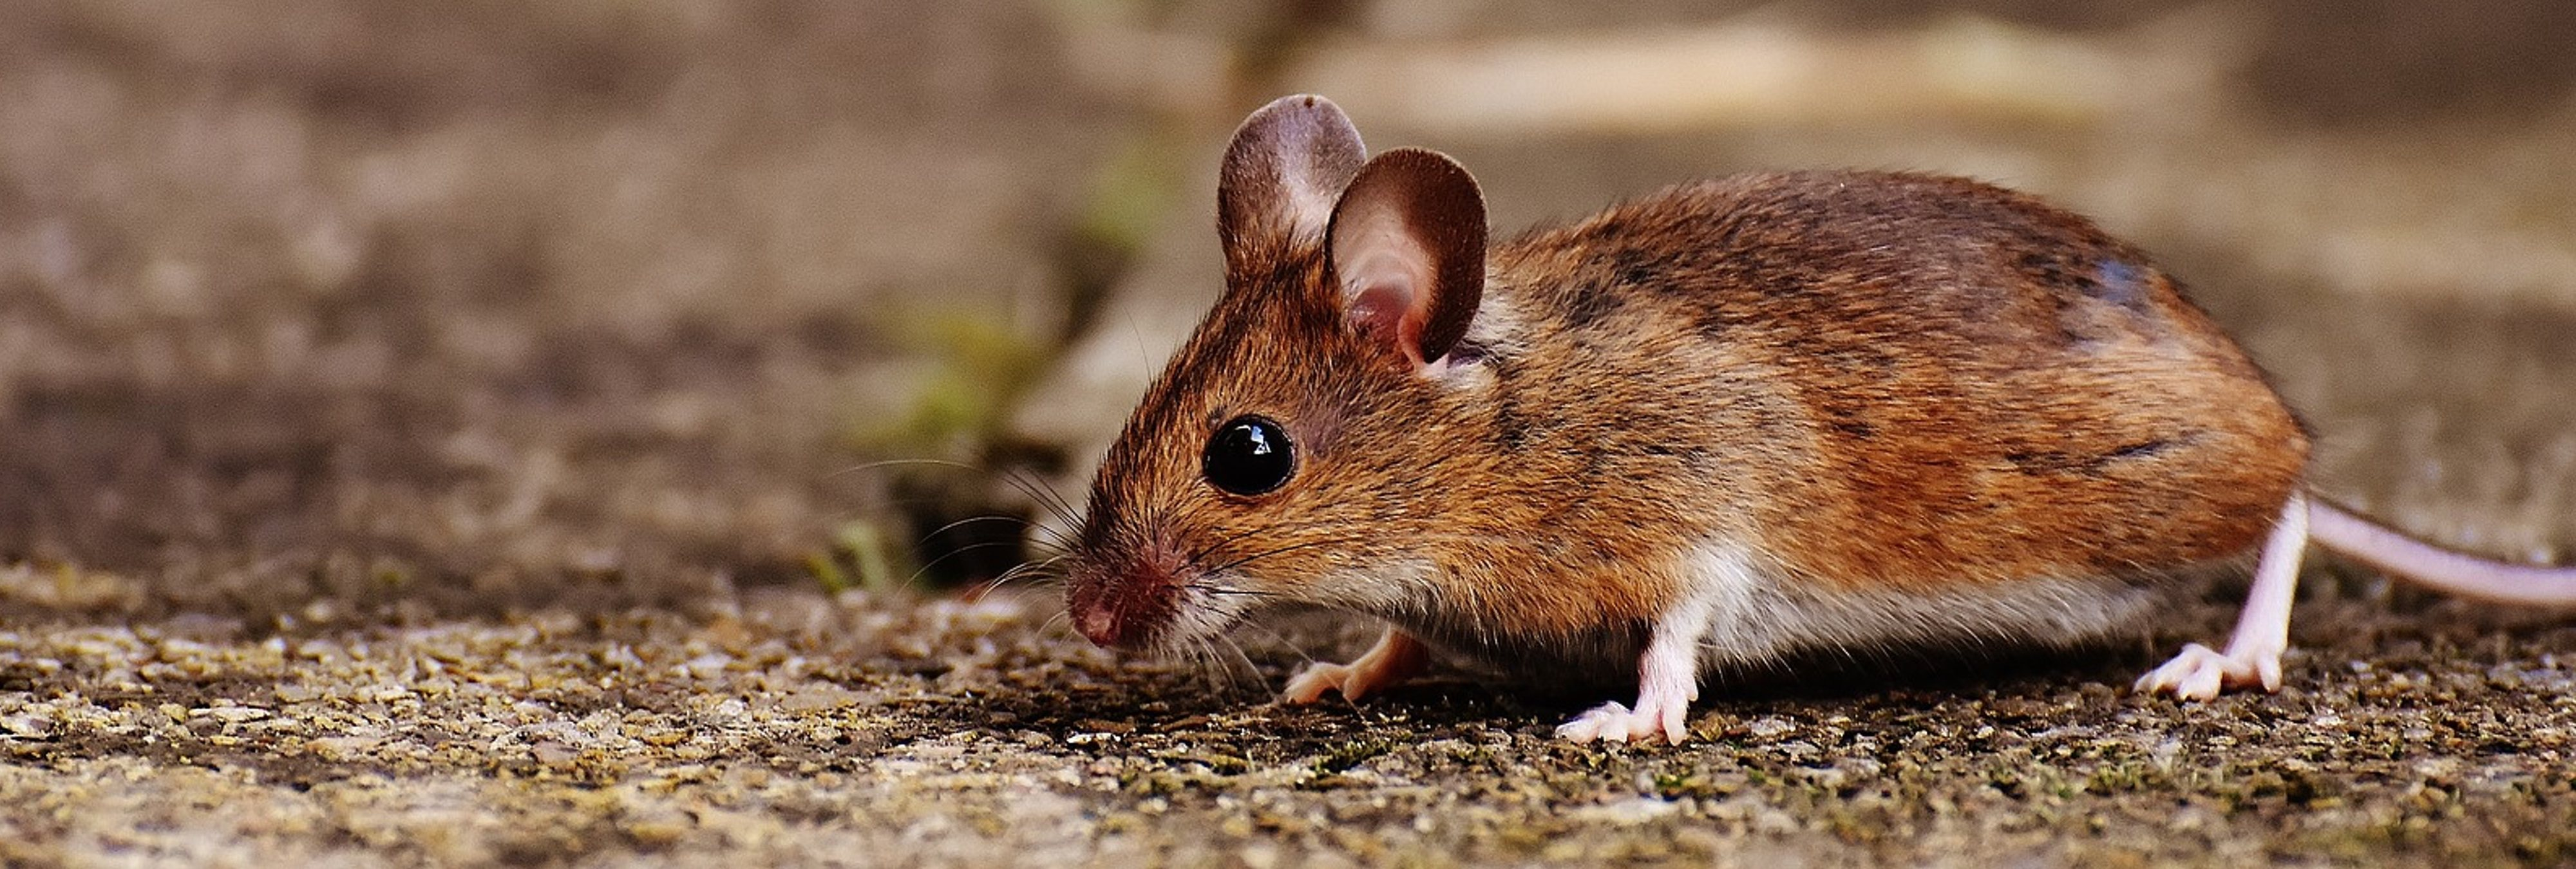 Encuentra una rata en descomposición cosida a la maloliente falda de su hija